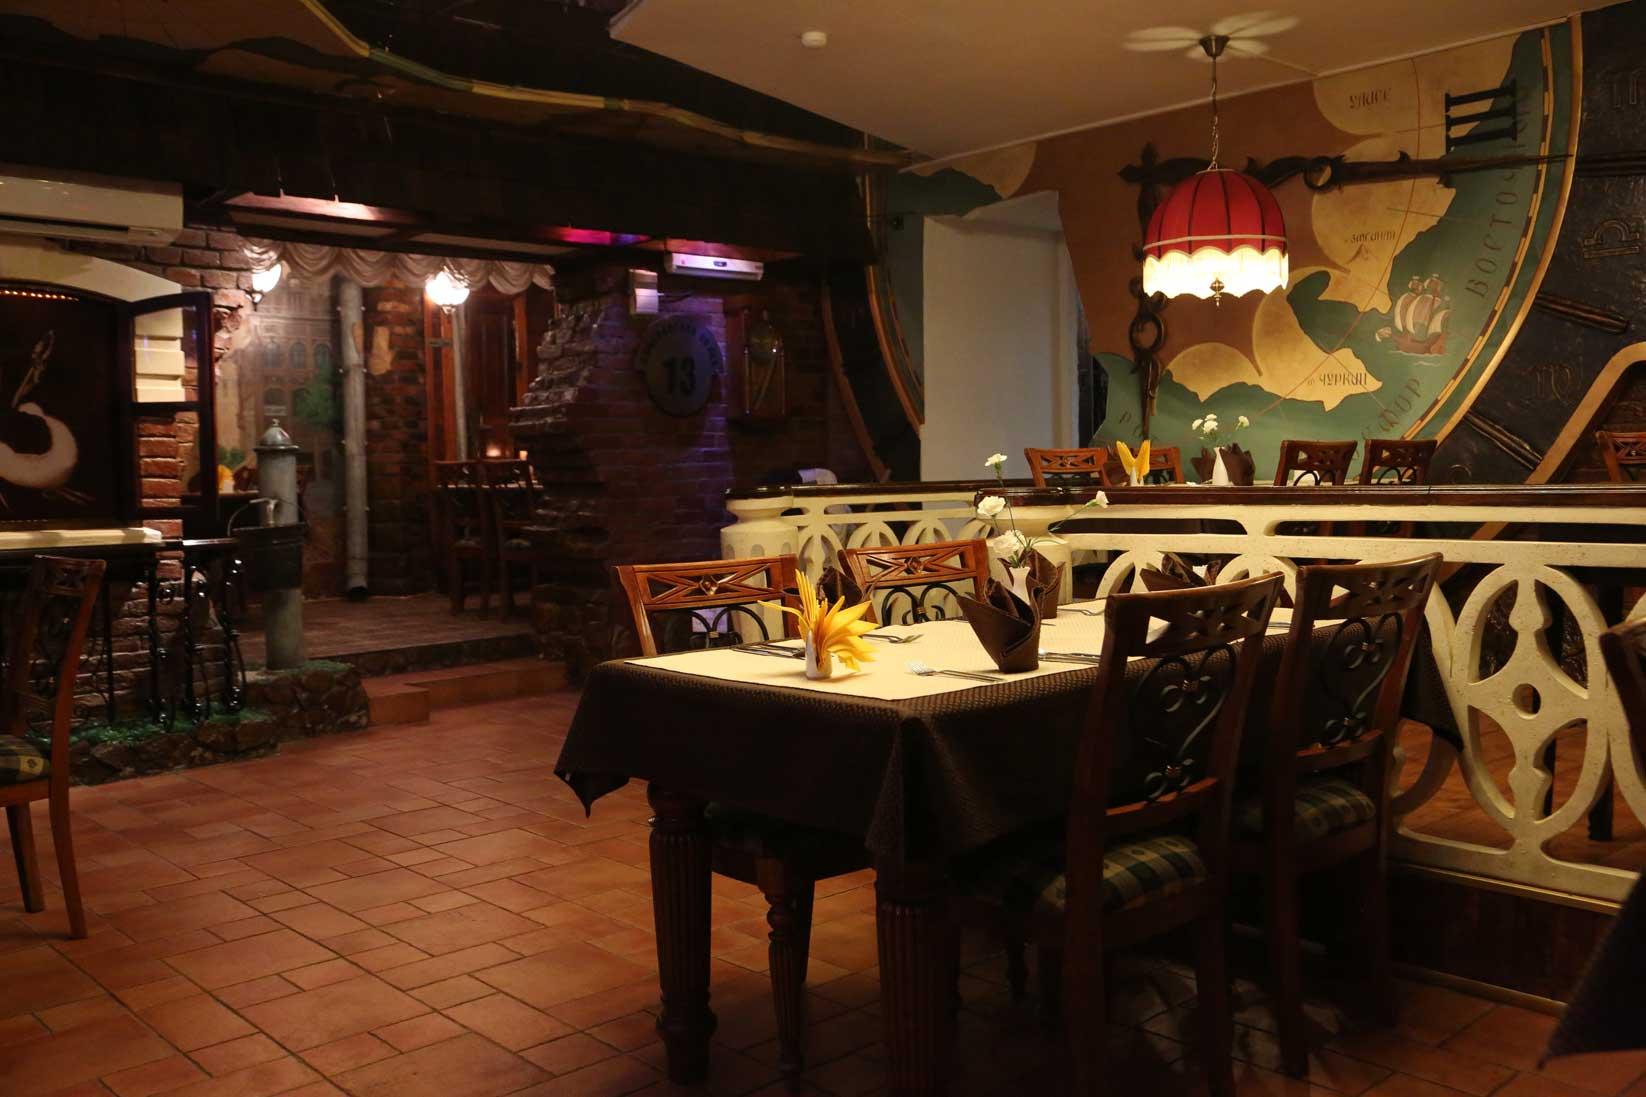 ウラジオストクのグルメ ~ おしゃれなレストランから街角の食堂まで_b0235153_8185825.jpg